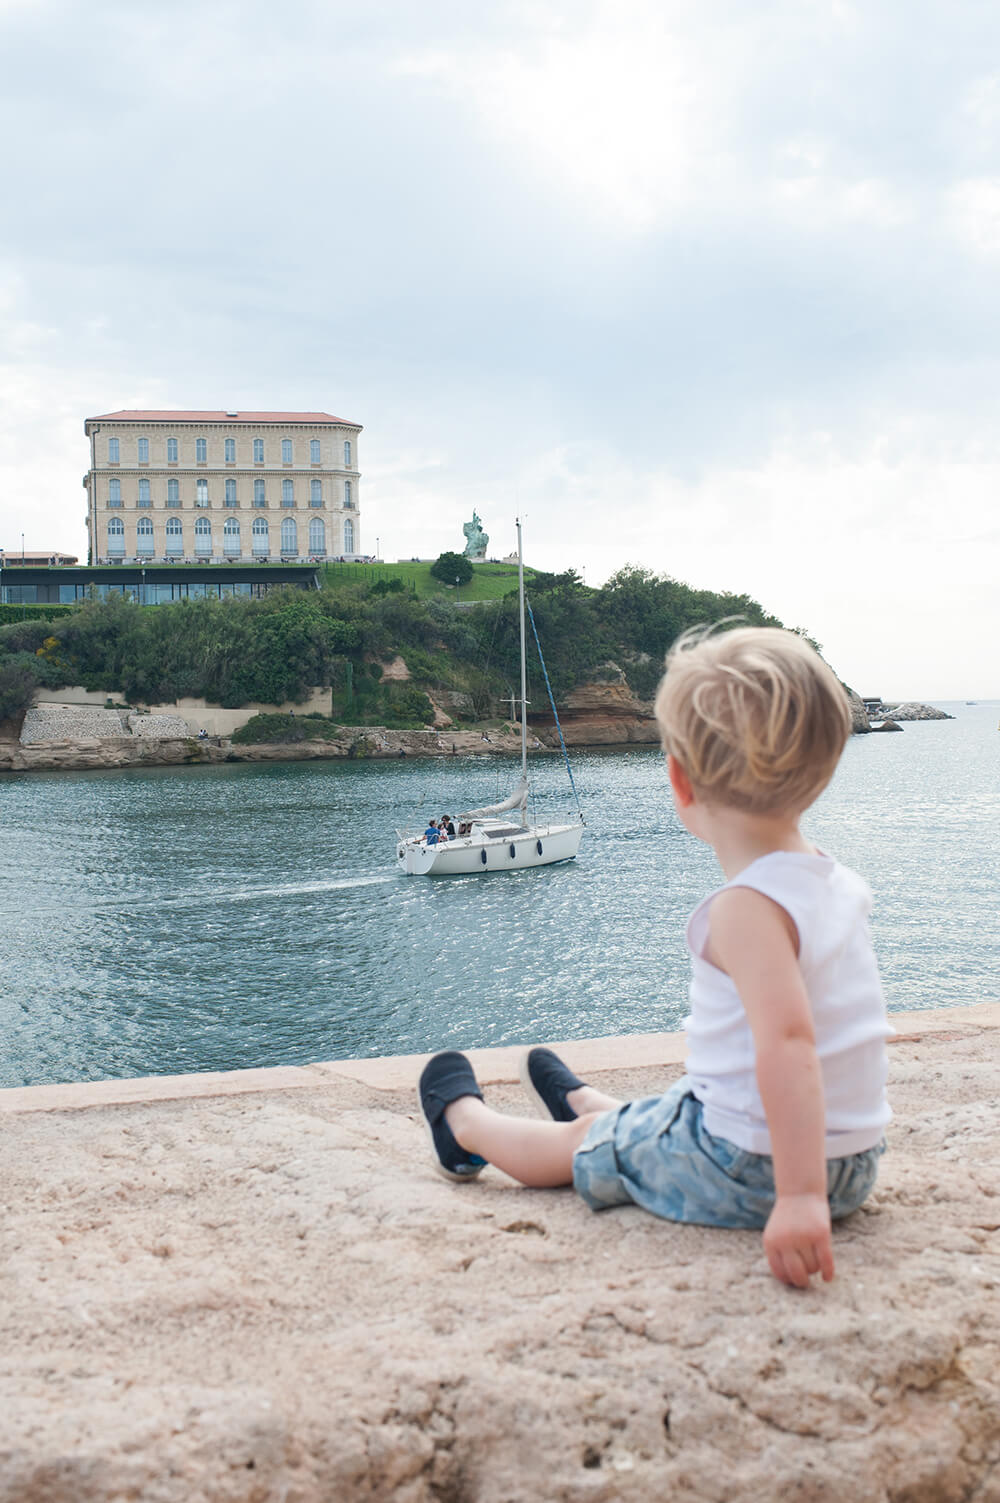 Garçonnet regardant les bateaux passés.